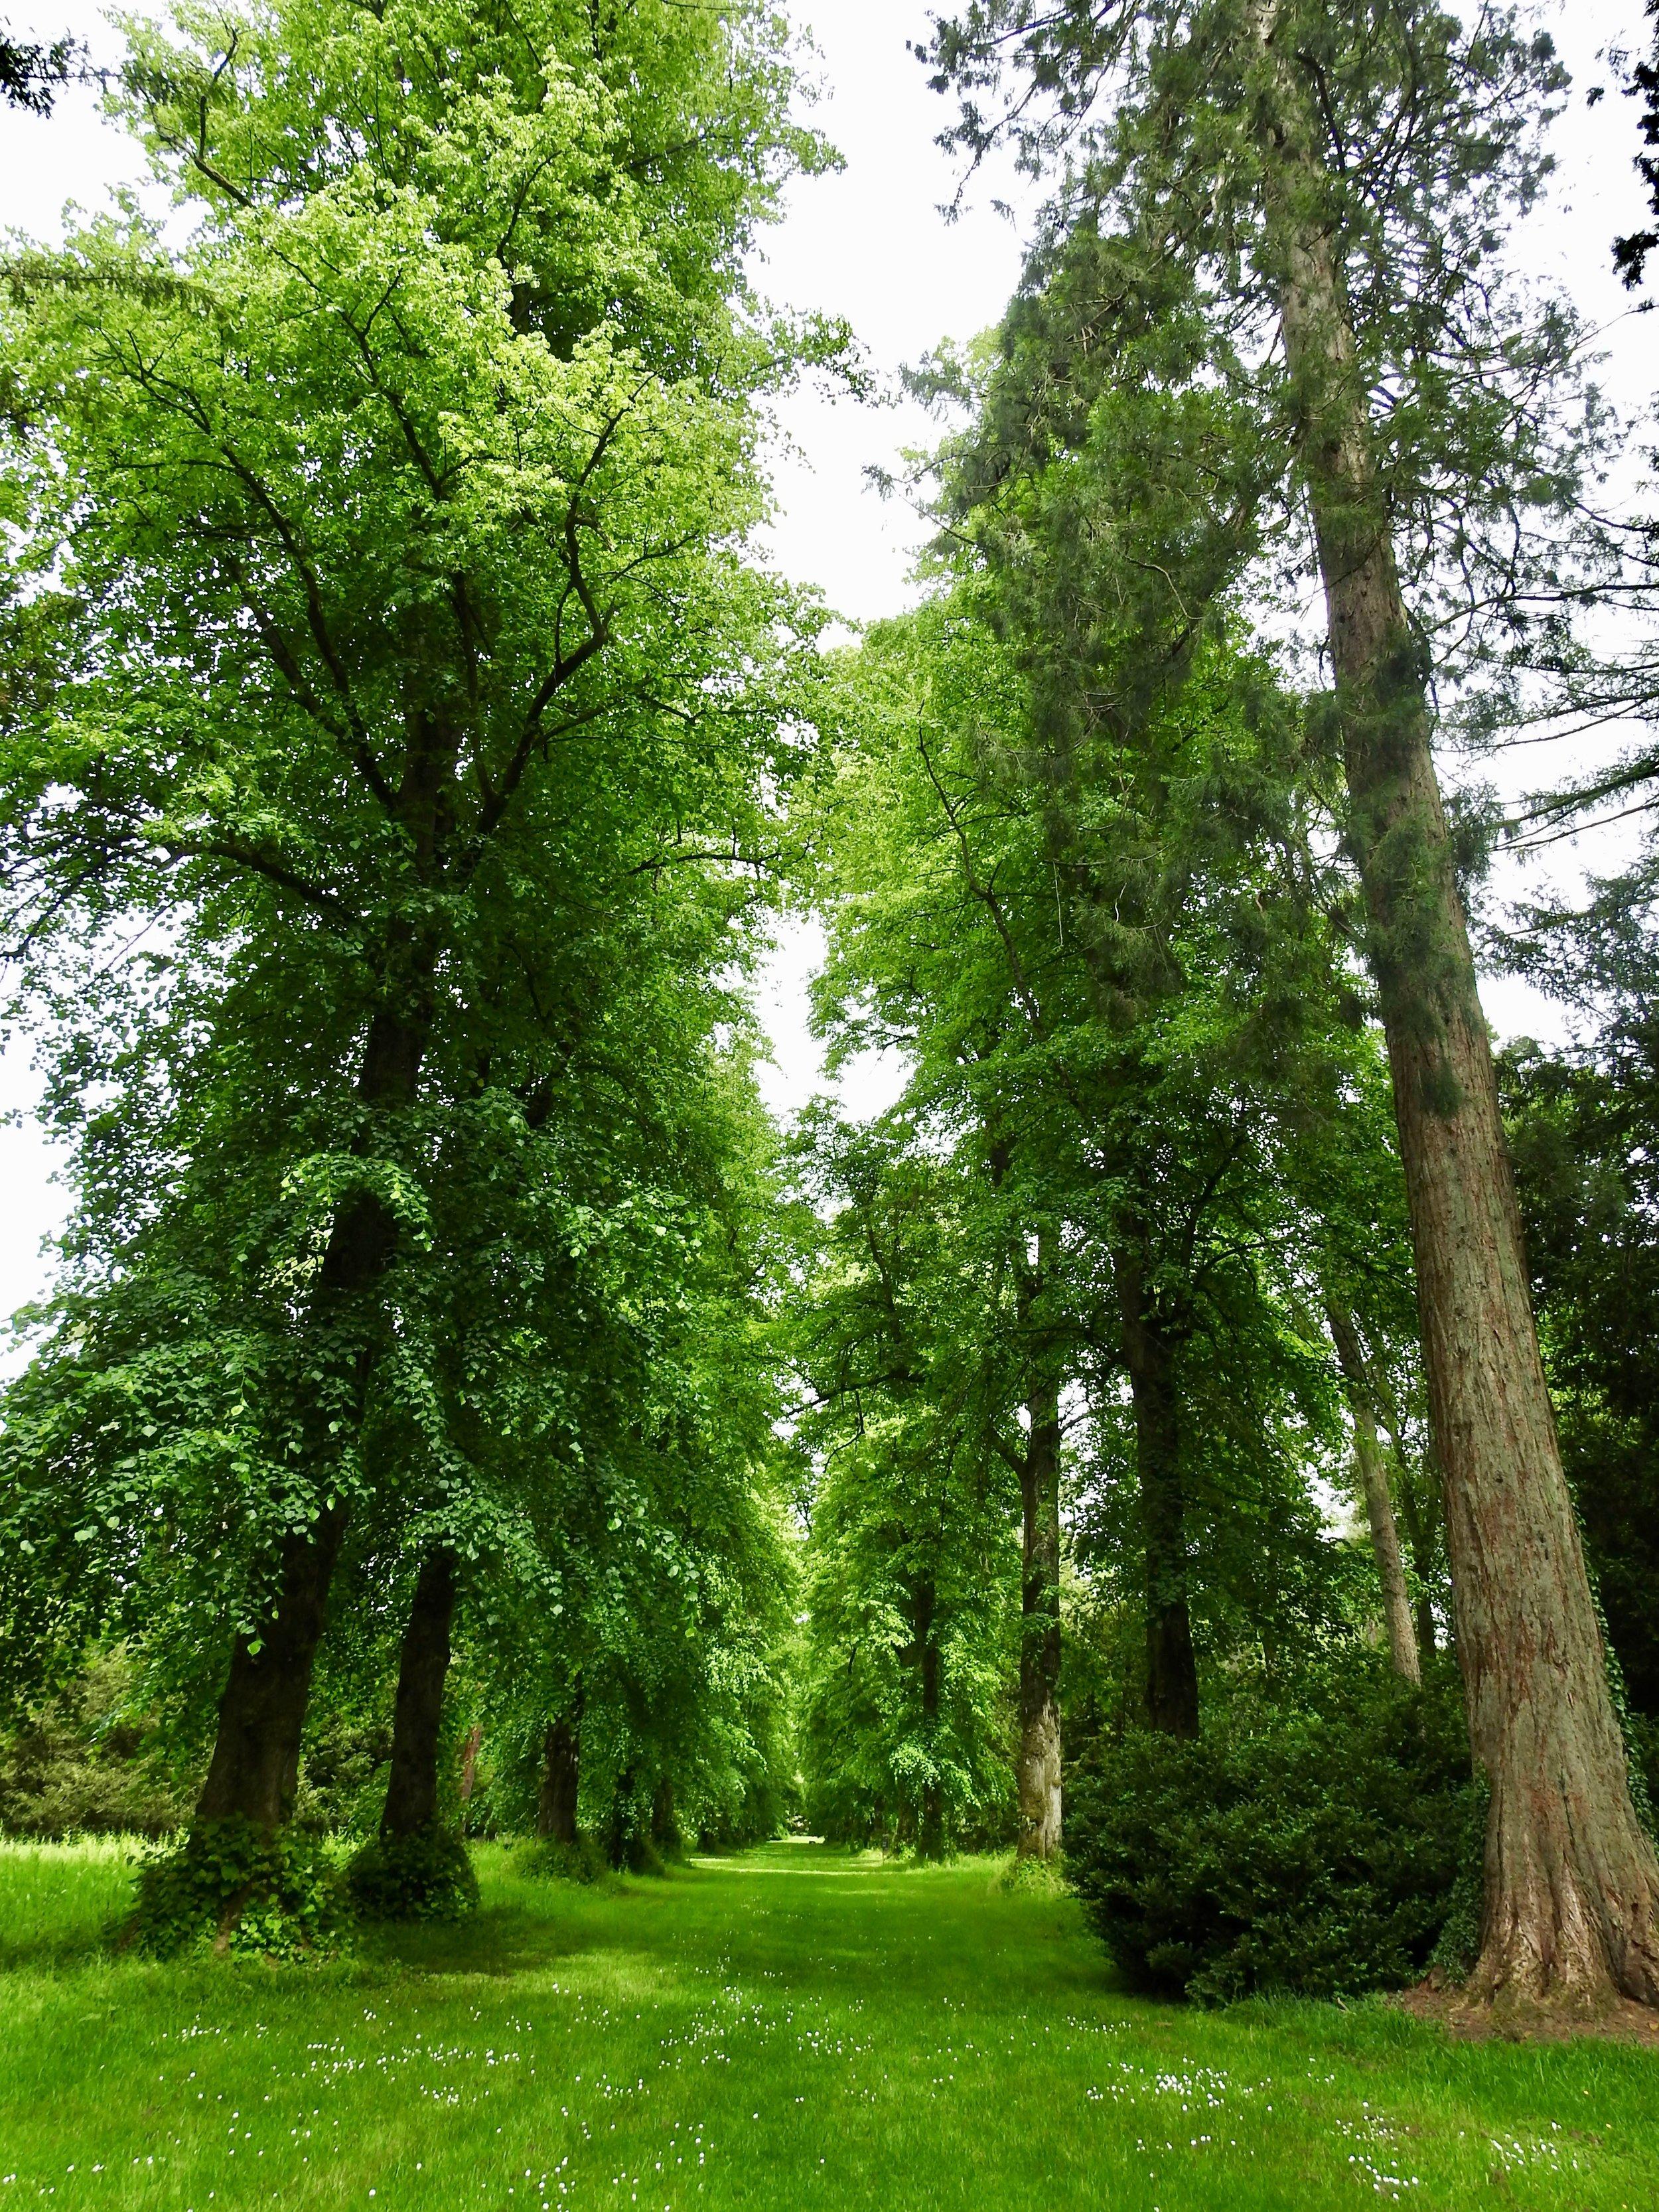 Avenue of lime trees, Westonbirt Arboretum